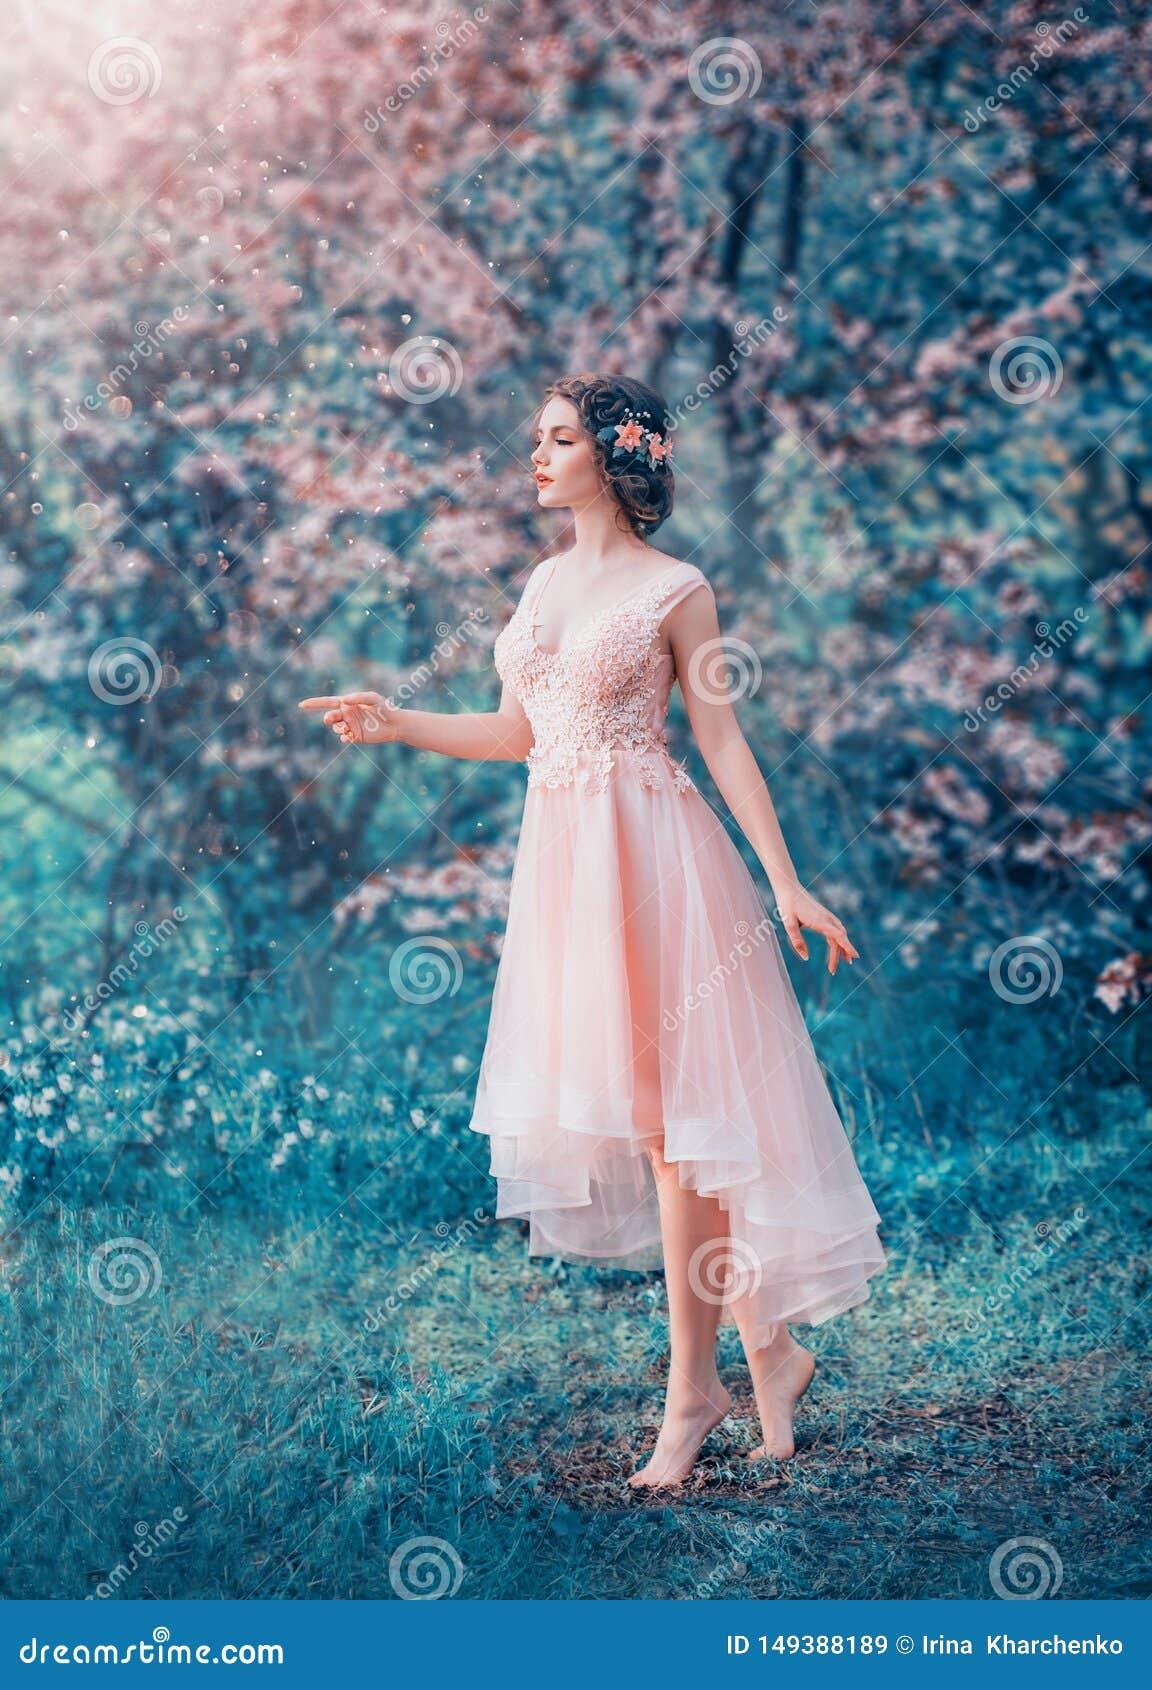 Jolie fille mince avec les cheveux fonc?s tress?s dans une robe ?l?gante sensible de p?che, une princesse de conte de f?es dans u